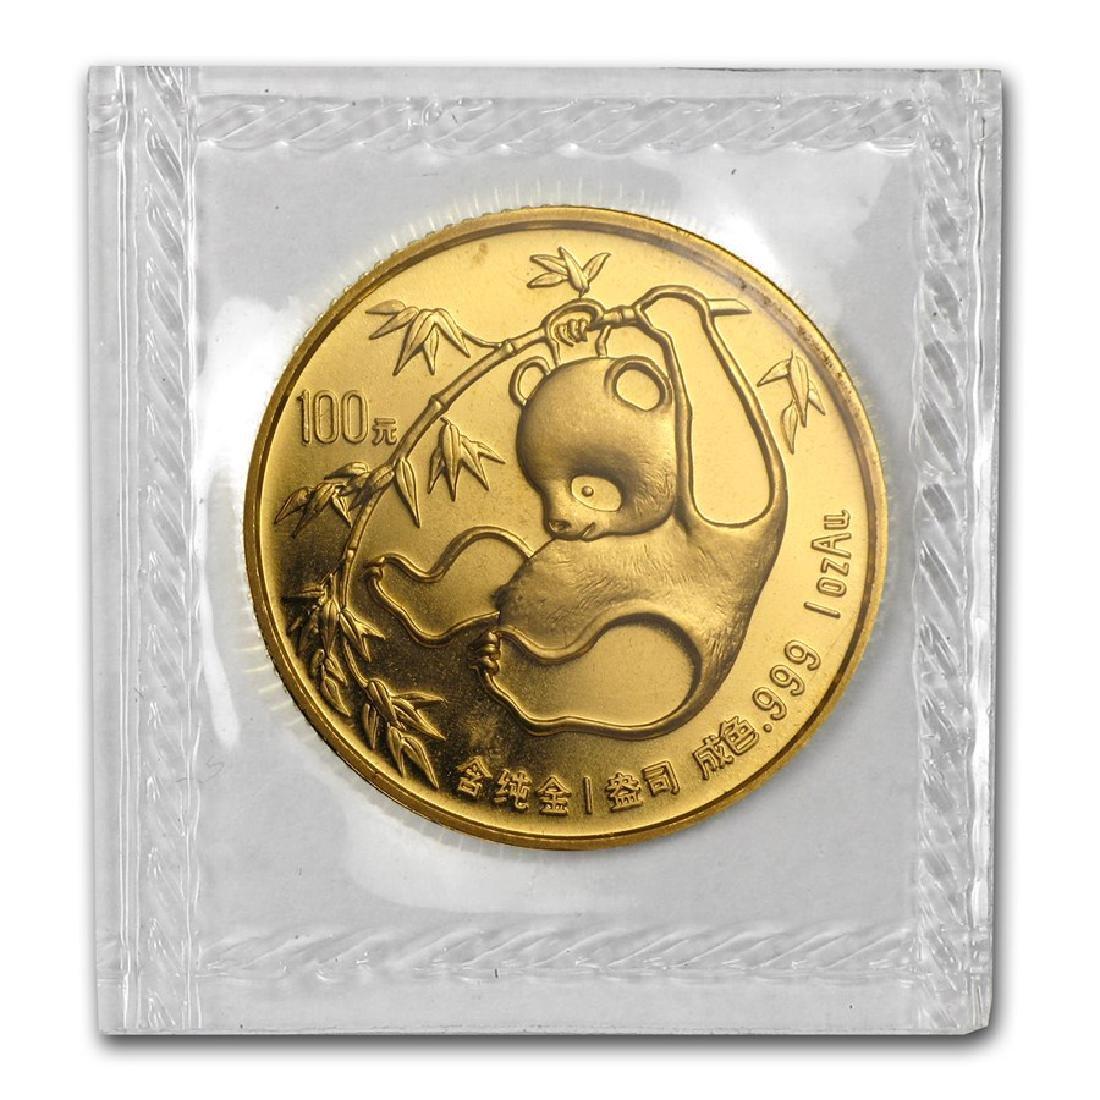 1985 China 100 Yuan Panda 1oz Sealed Gold Coin